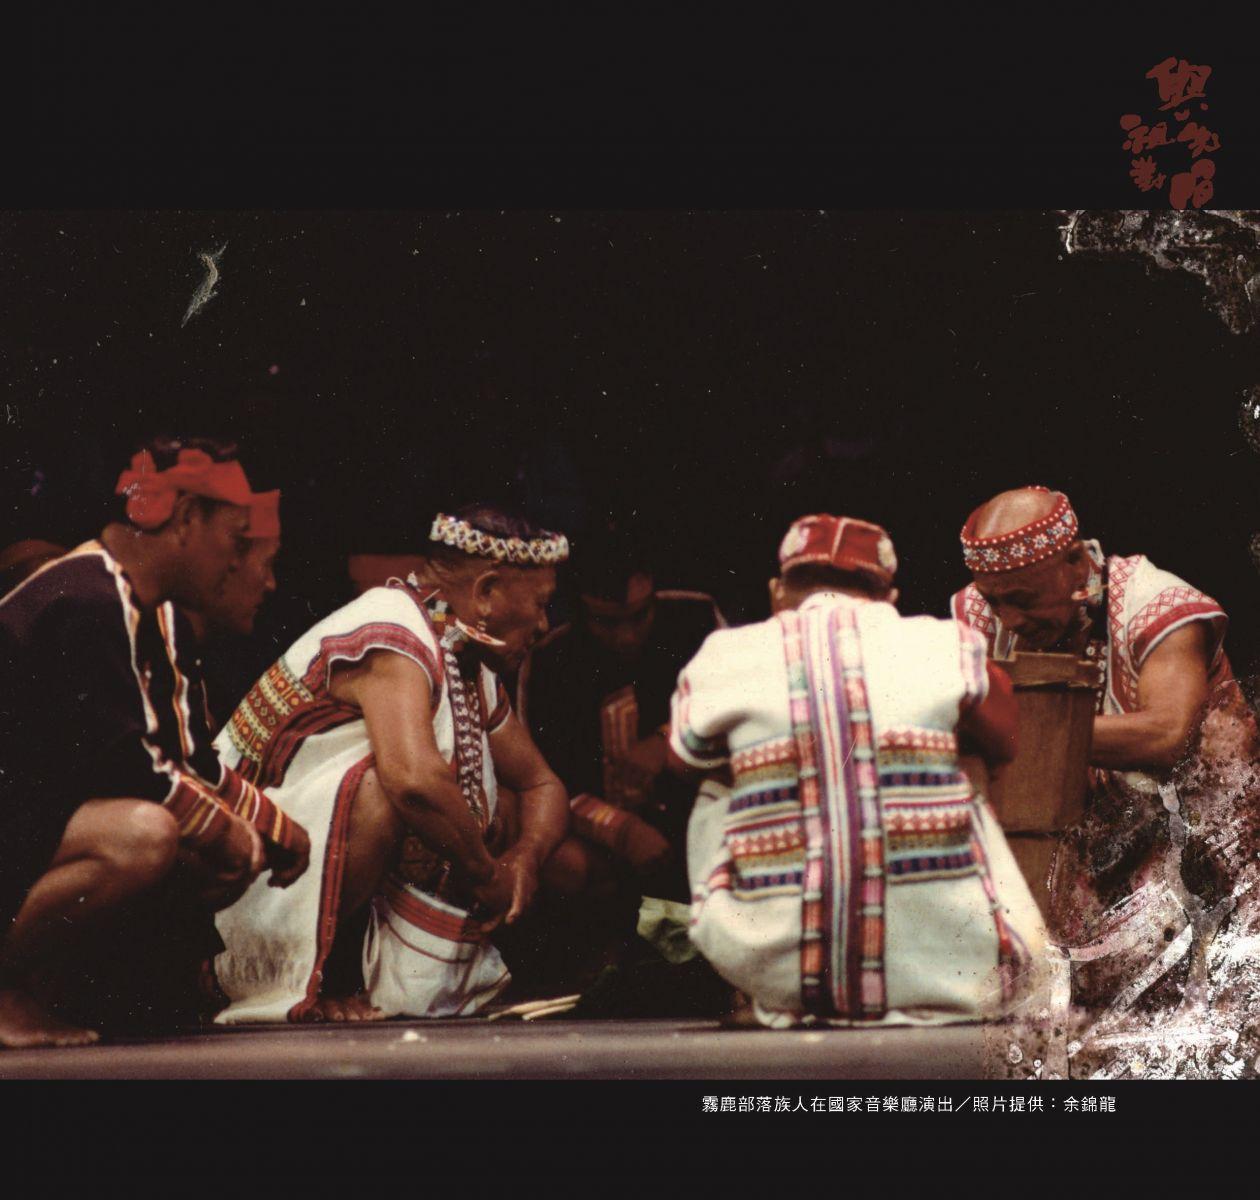 霧鹿部落族人在國家音樂廳演出/照片提供:余錦龍